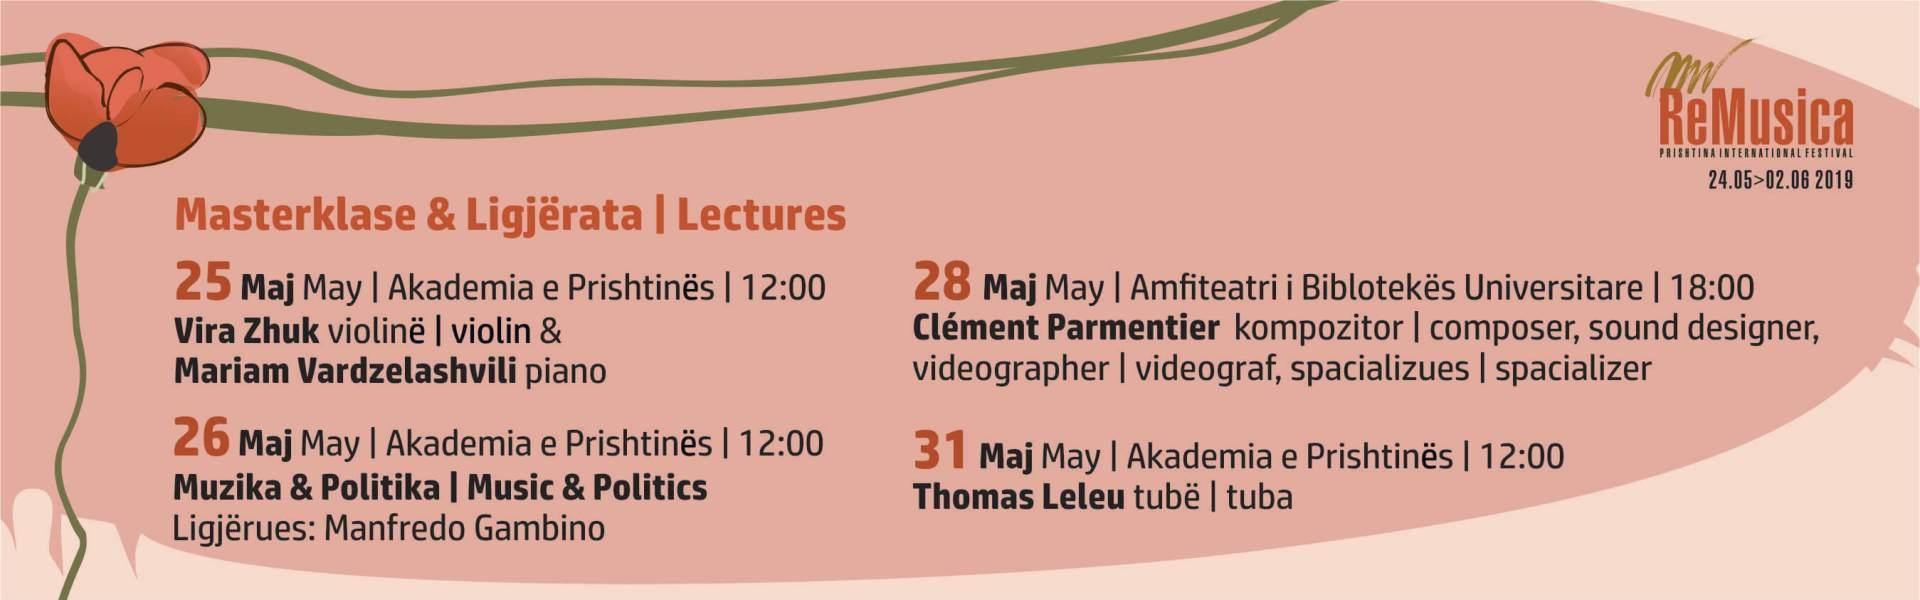 Masterklase & Ligjërata/Lectures